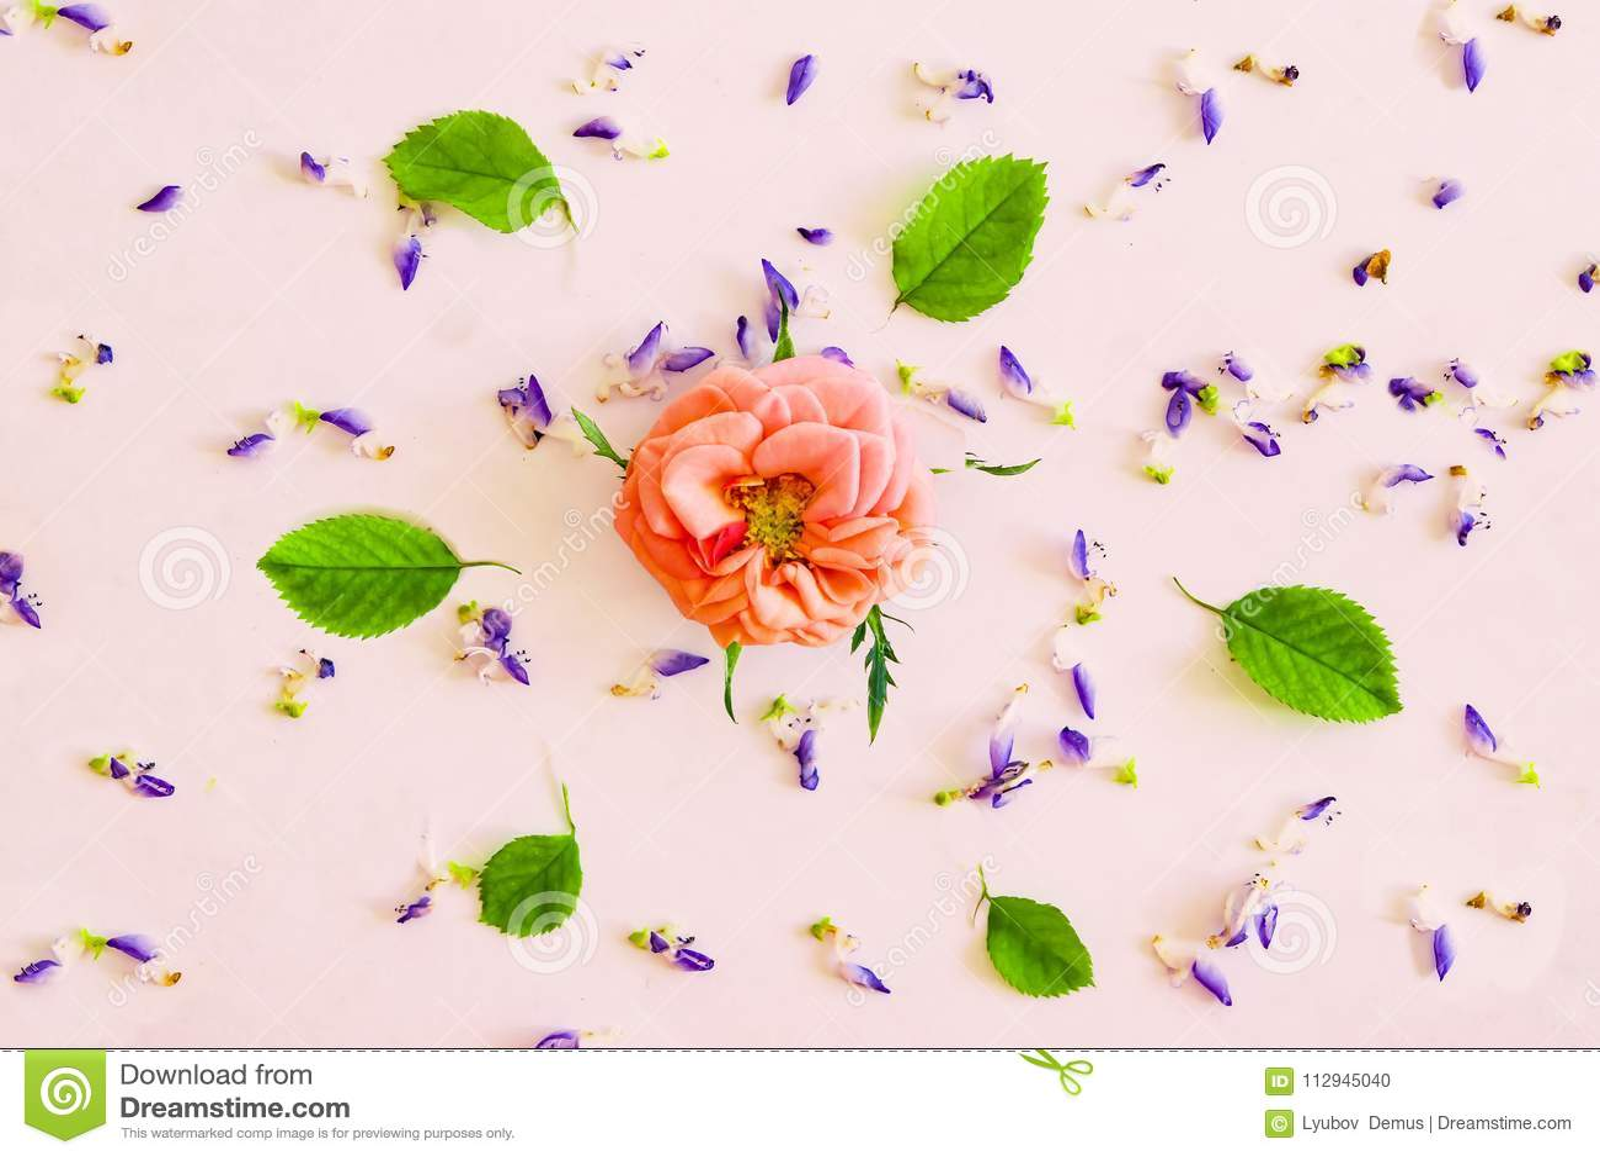 Estampado De Plores Abstracto Pequenas Flores En La Cartulina